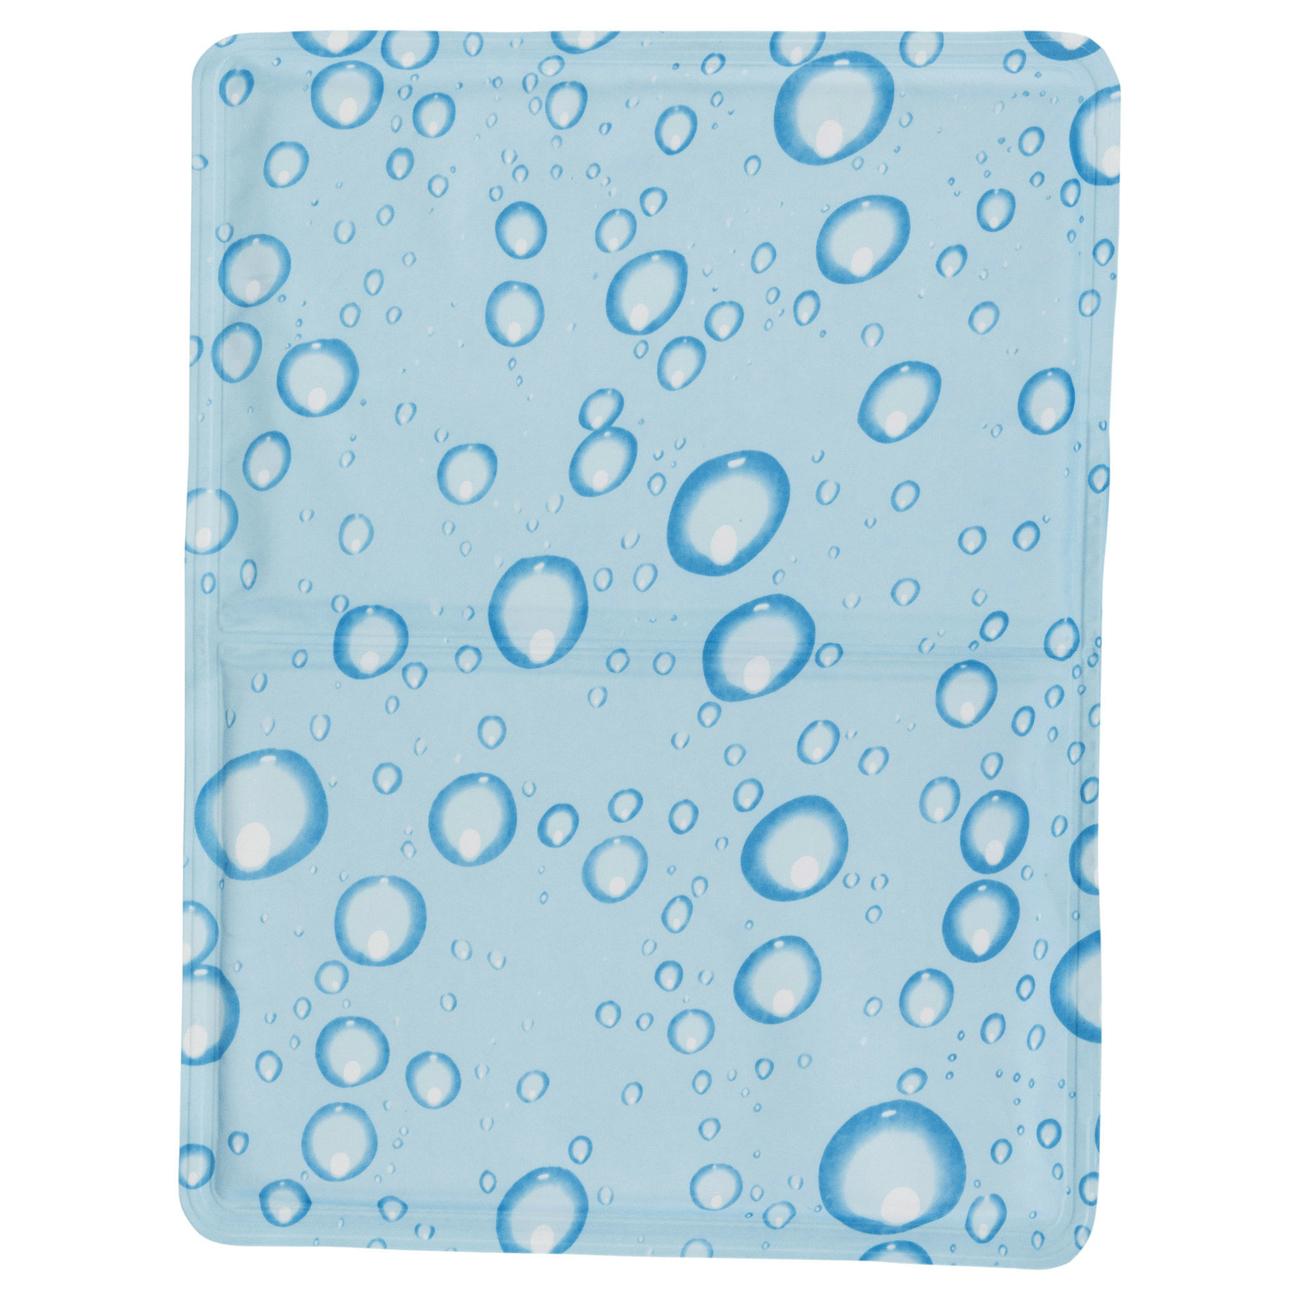 28778 Подстилка охлаждающая, L: 65 х 50 см, светло-голубой